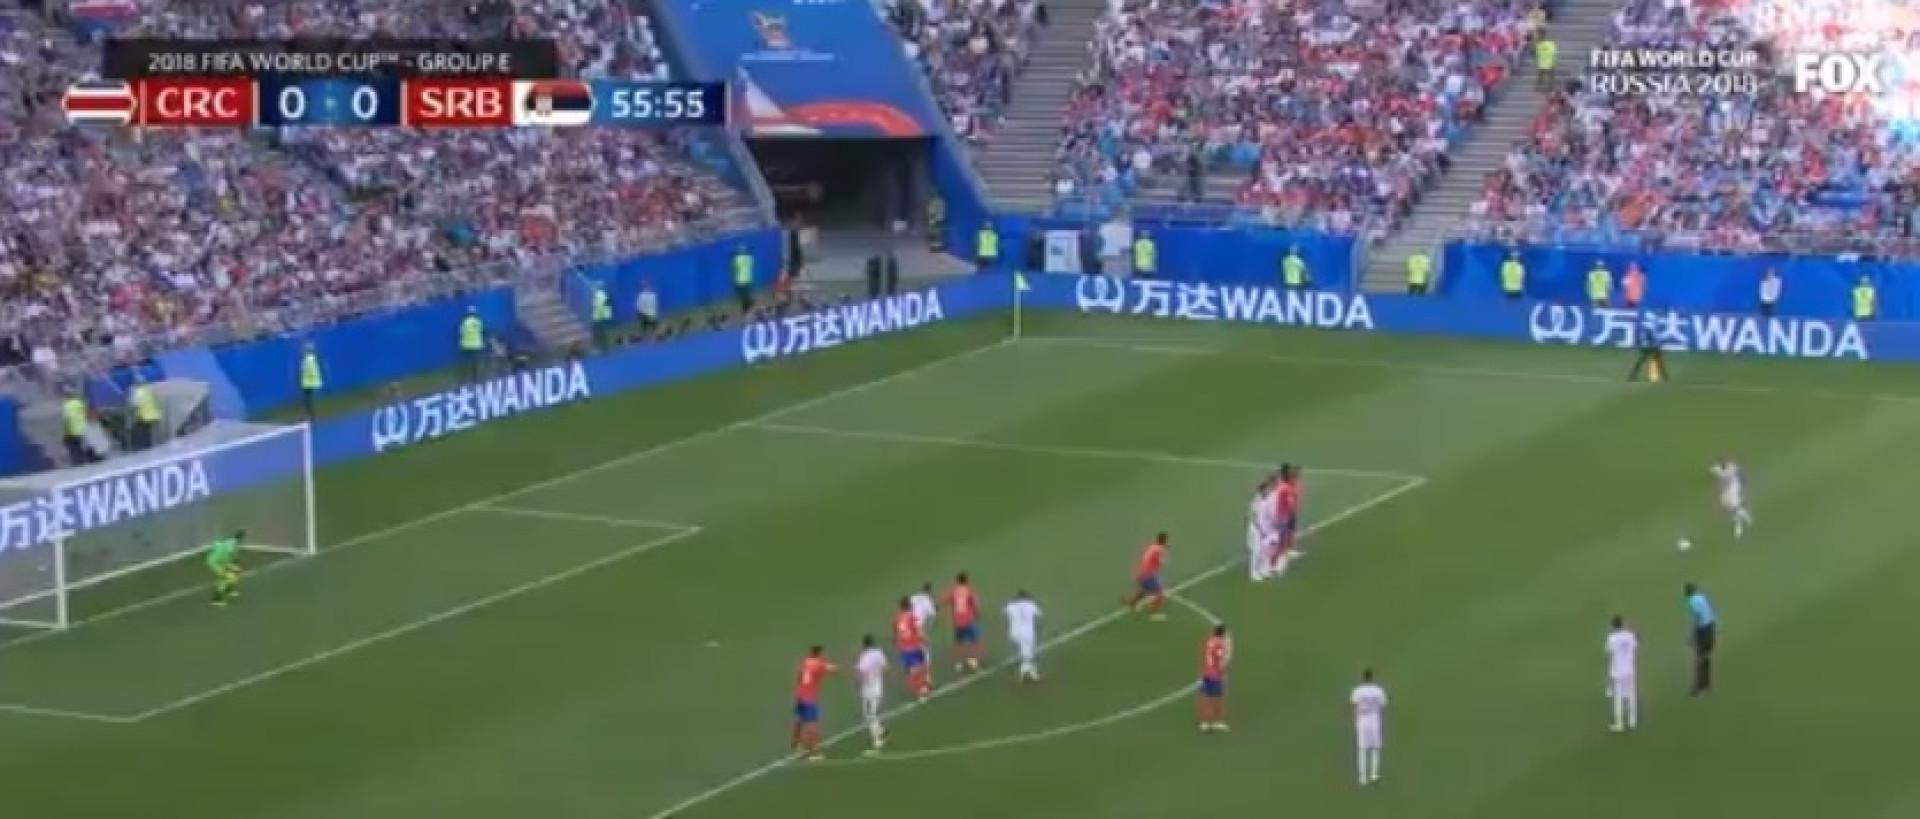 Kolarov inspirou-se em Ronaldo e fez este golaço de livre